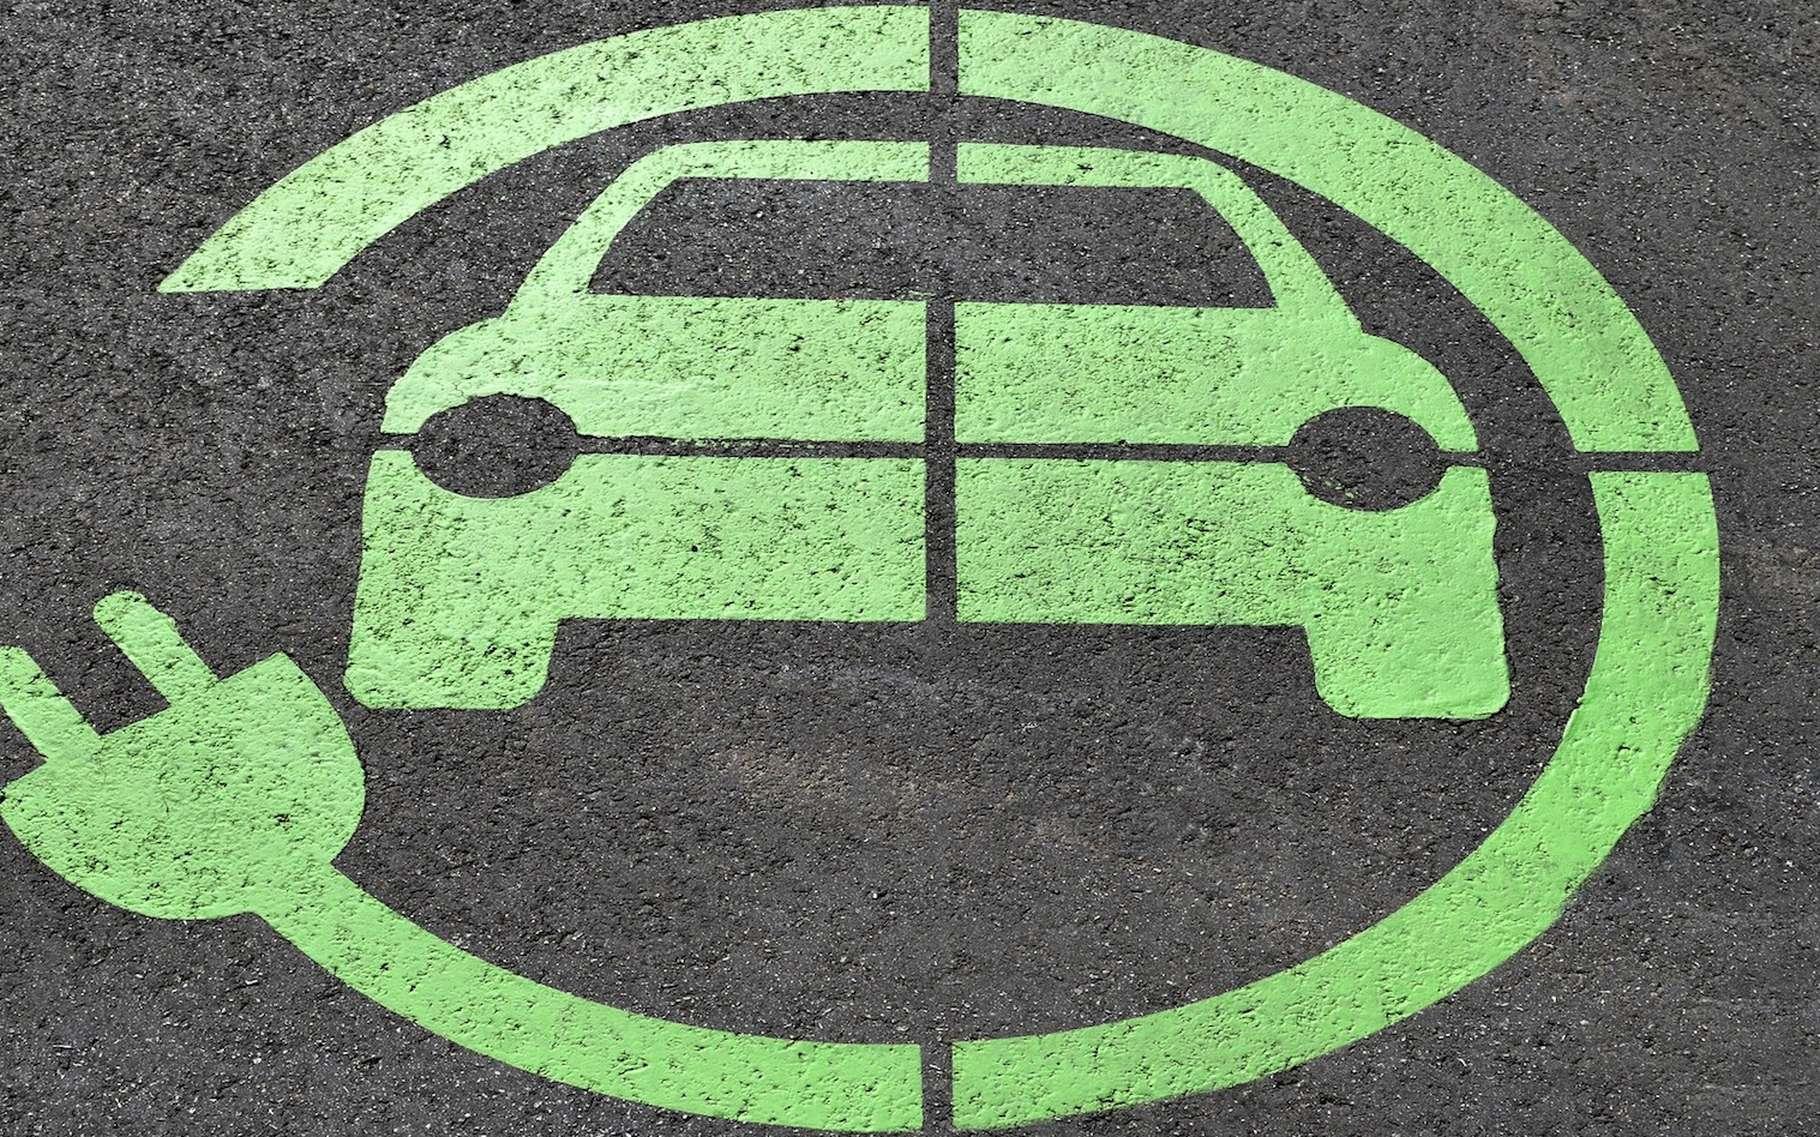 Une technologie imaginée par des chercheurs de l'université de Stanford pourrait bientôt permettre de charger une voiture électrique tout en roulant. © paulbr75, Pixabay, CC0 Public Domain